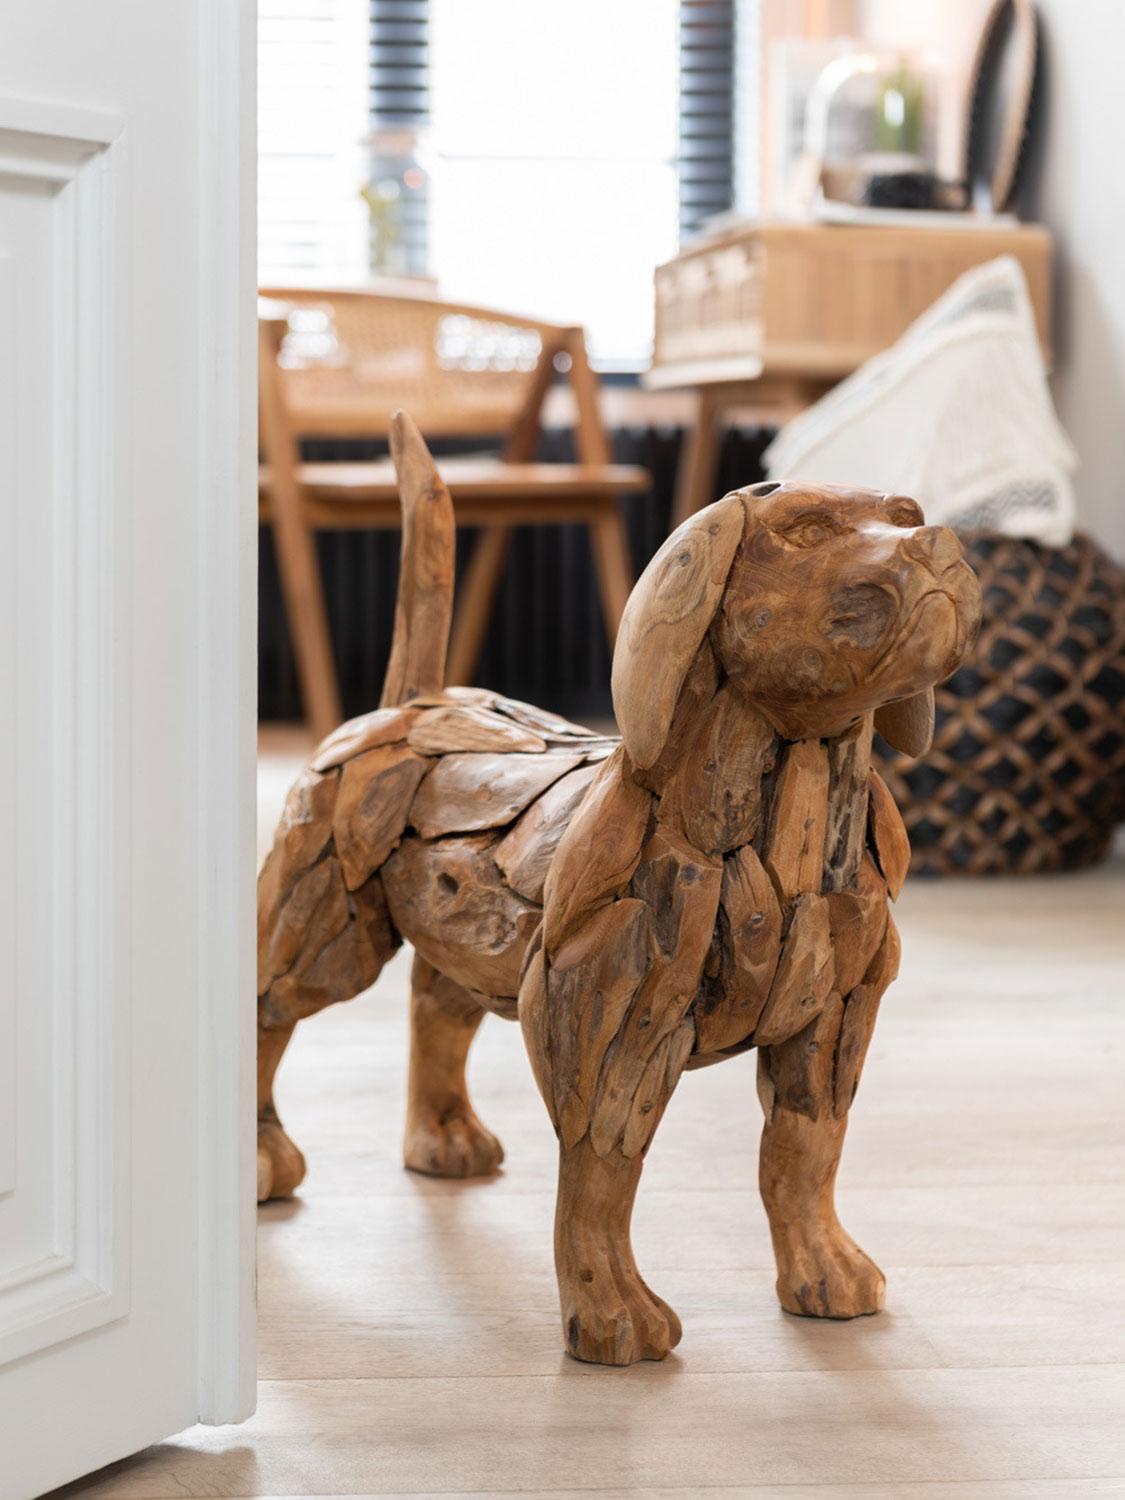 Hund als Holzfigur steht auf Boden